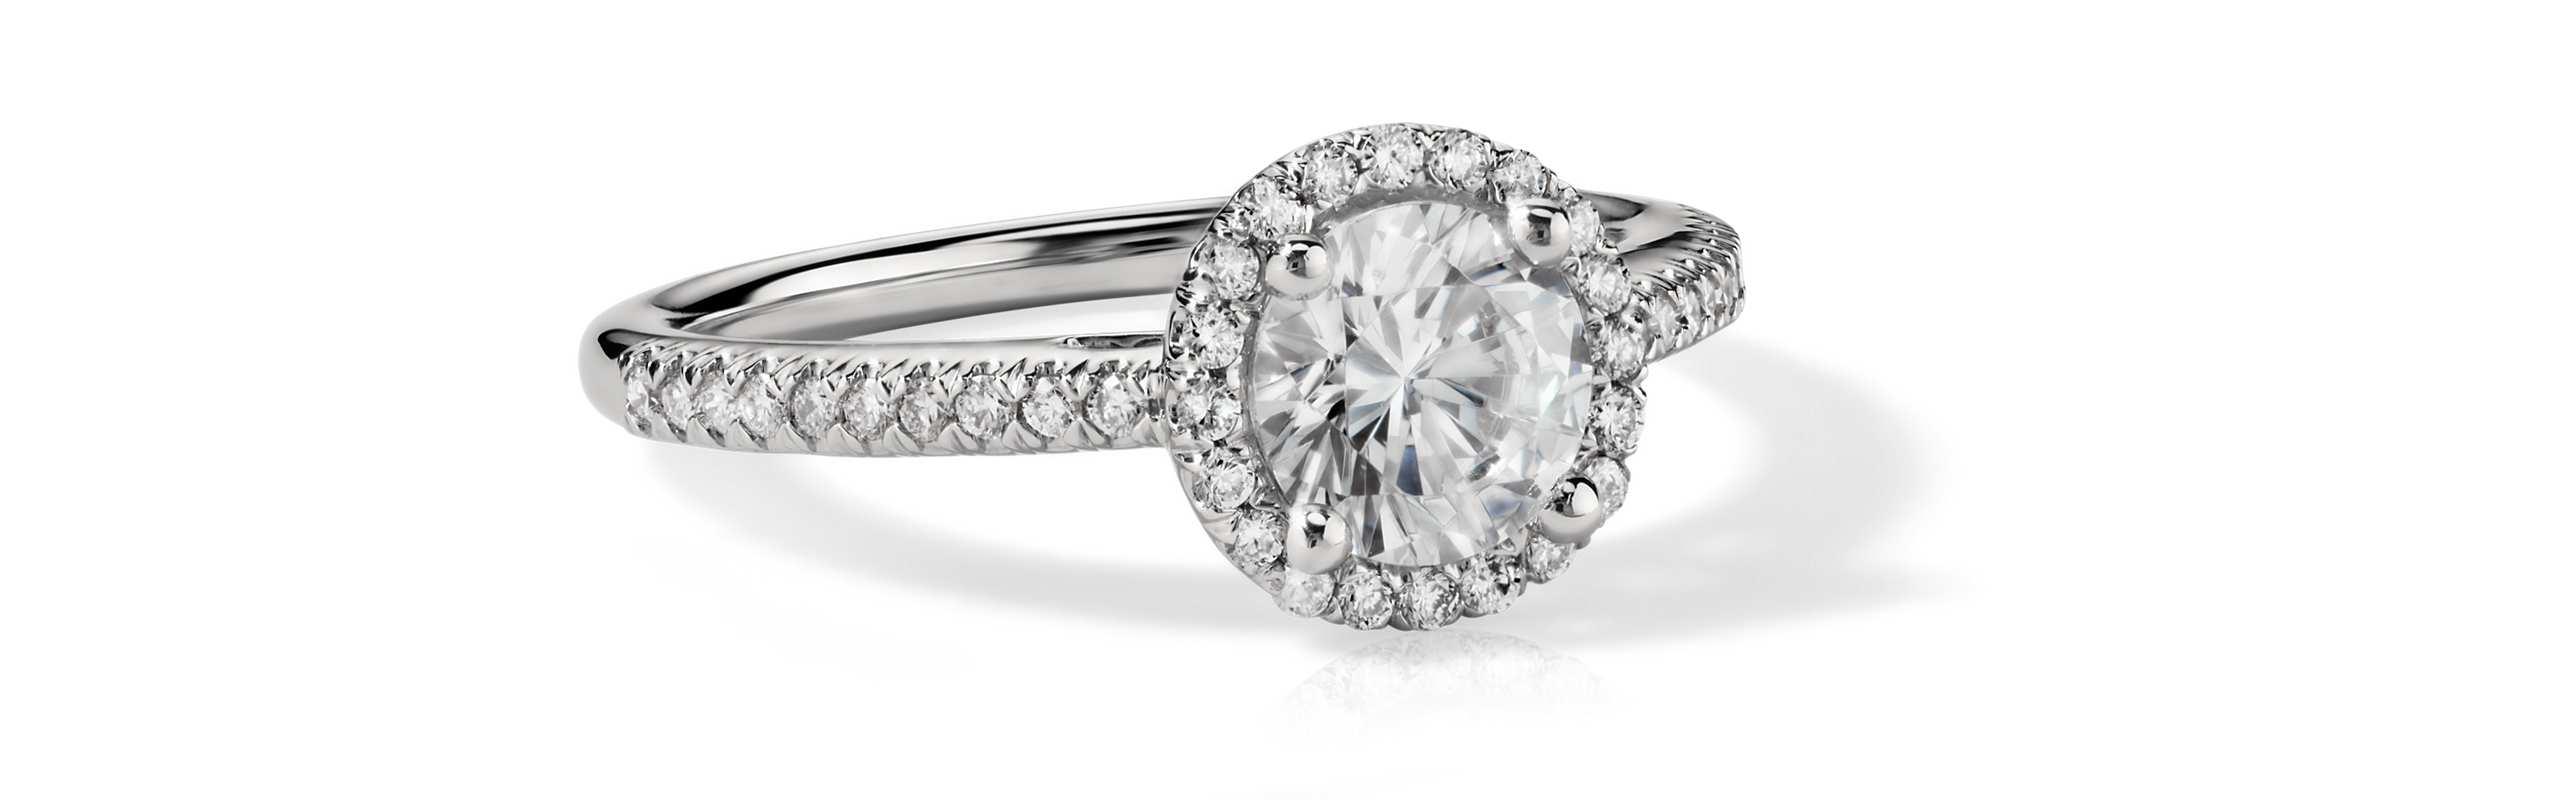 Preset Engagement Rings